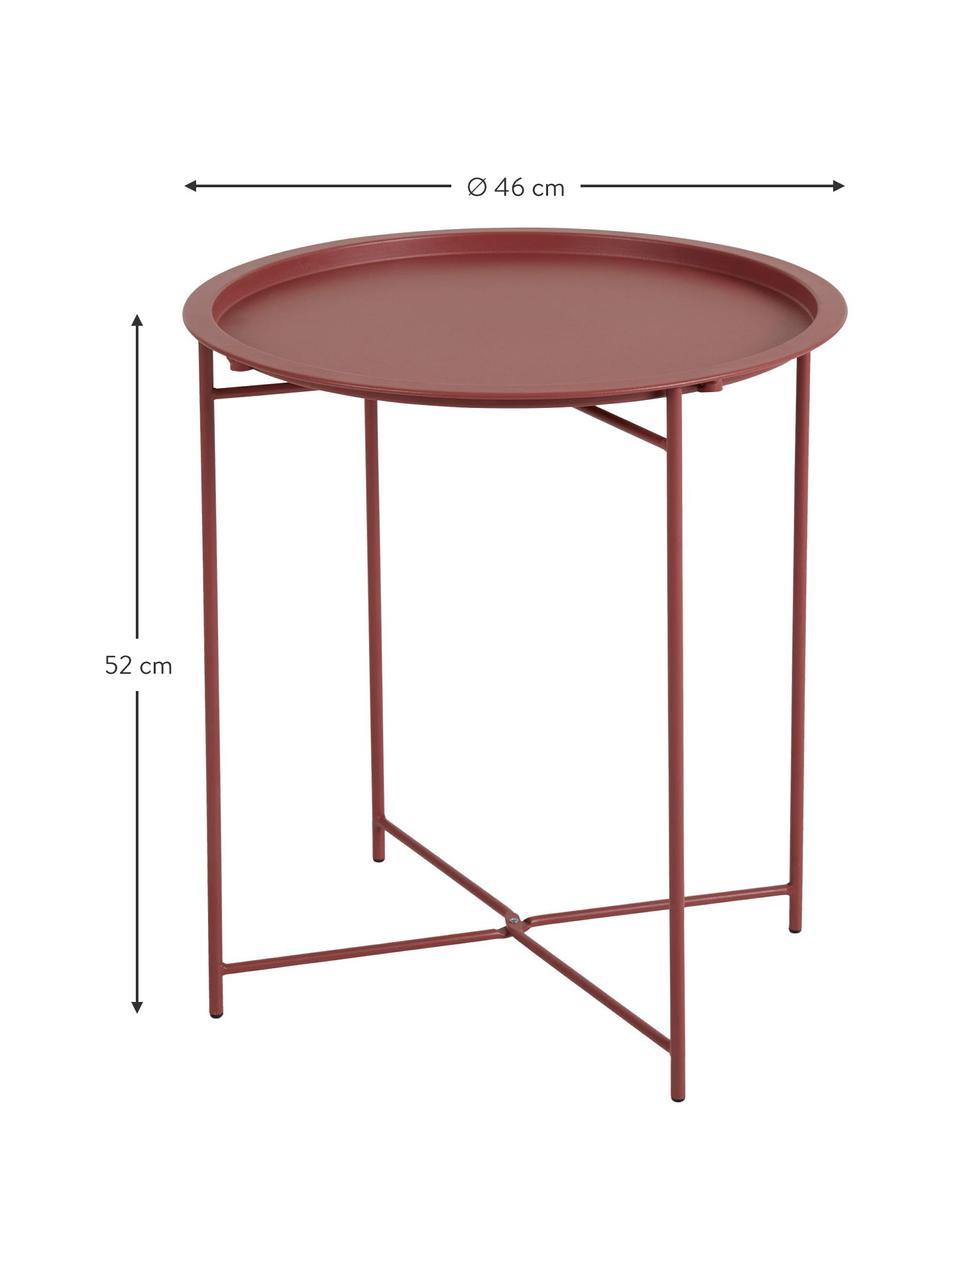 Tablett-Tisch Sangro aus Metall, Metall, pulverbeschichtet, Rot, Ø 46 x H 52 cm